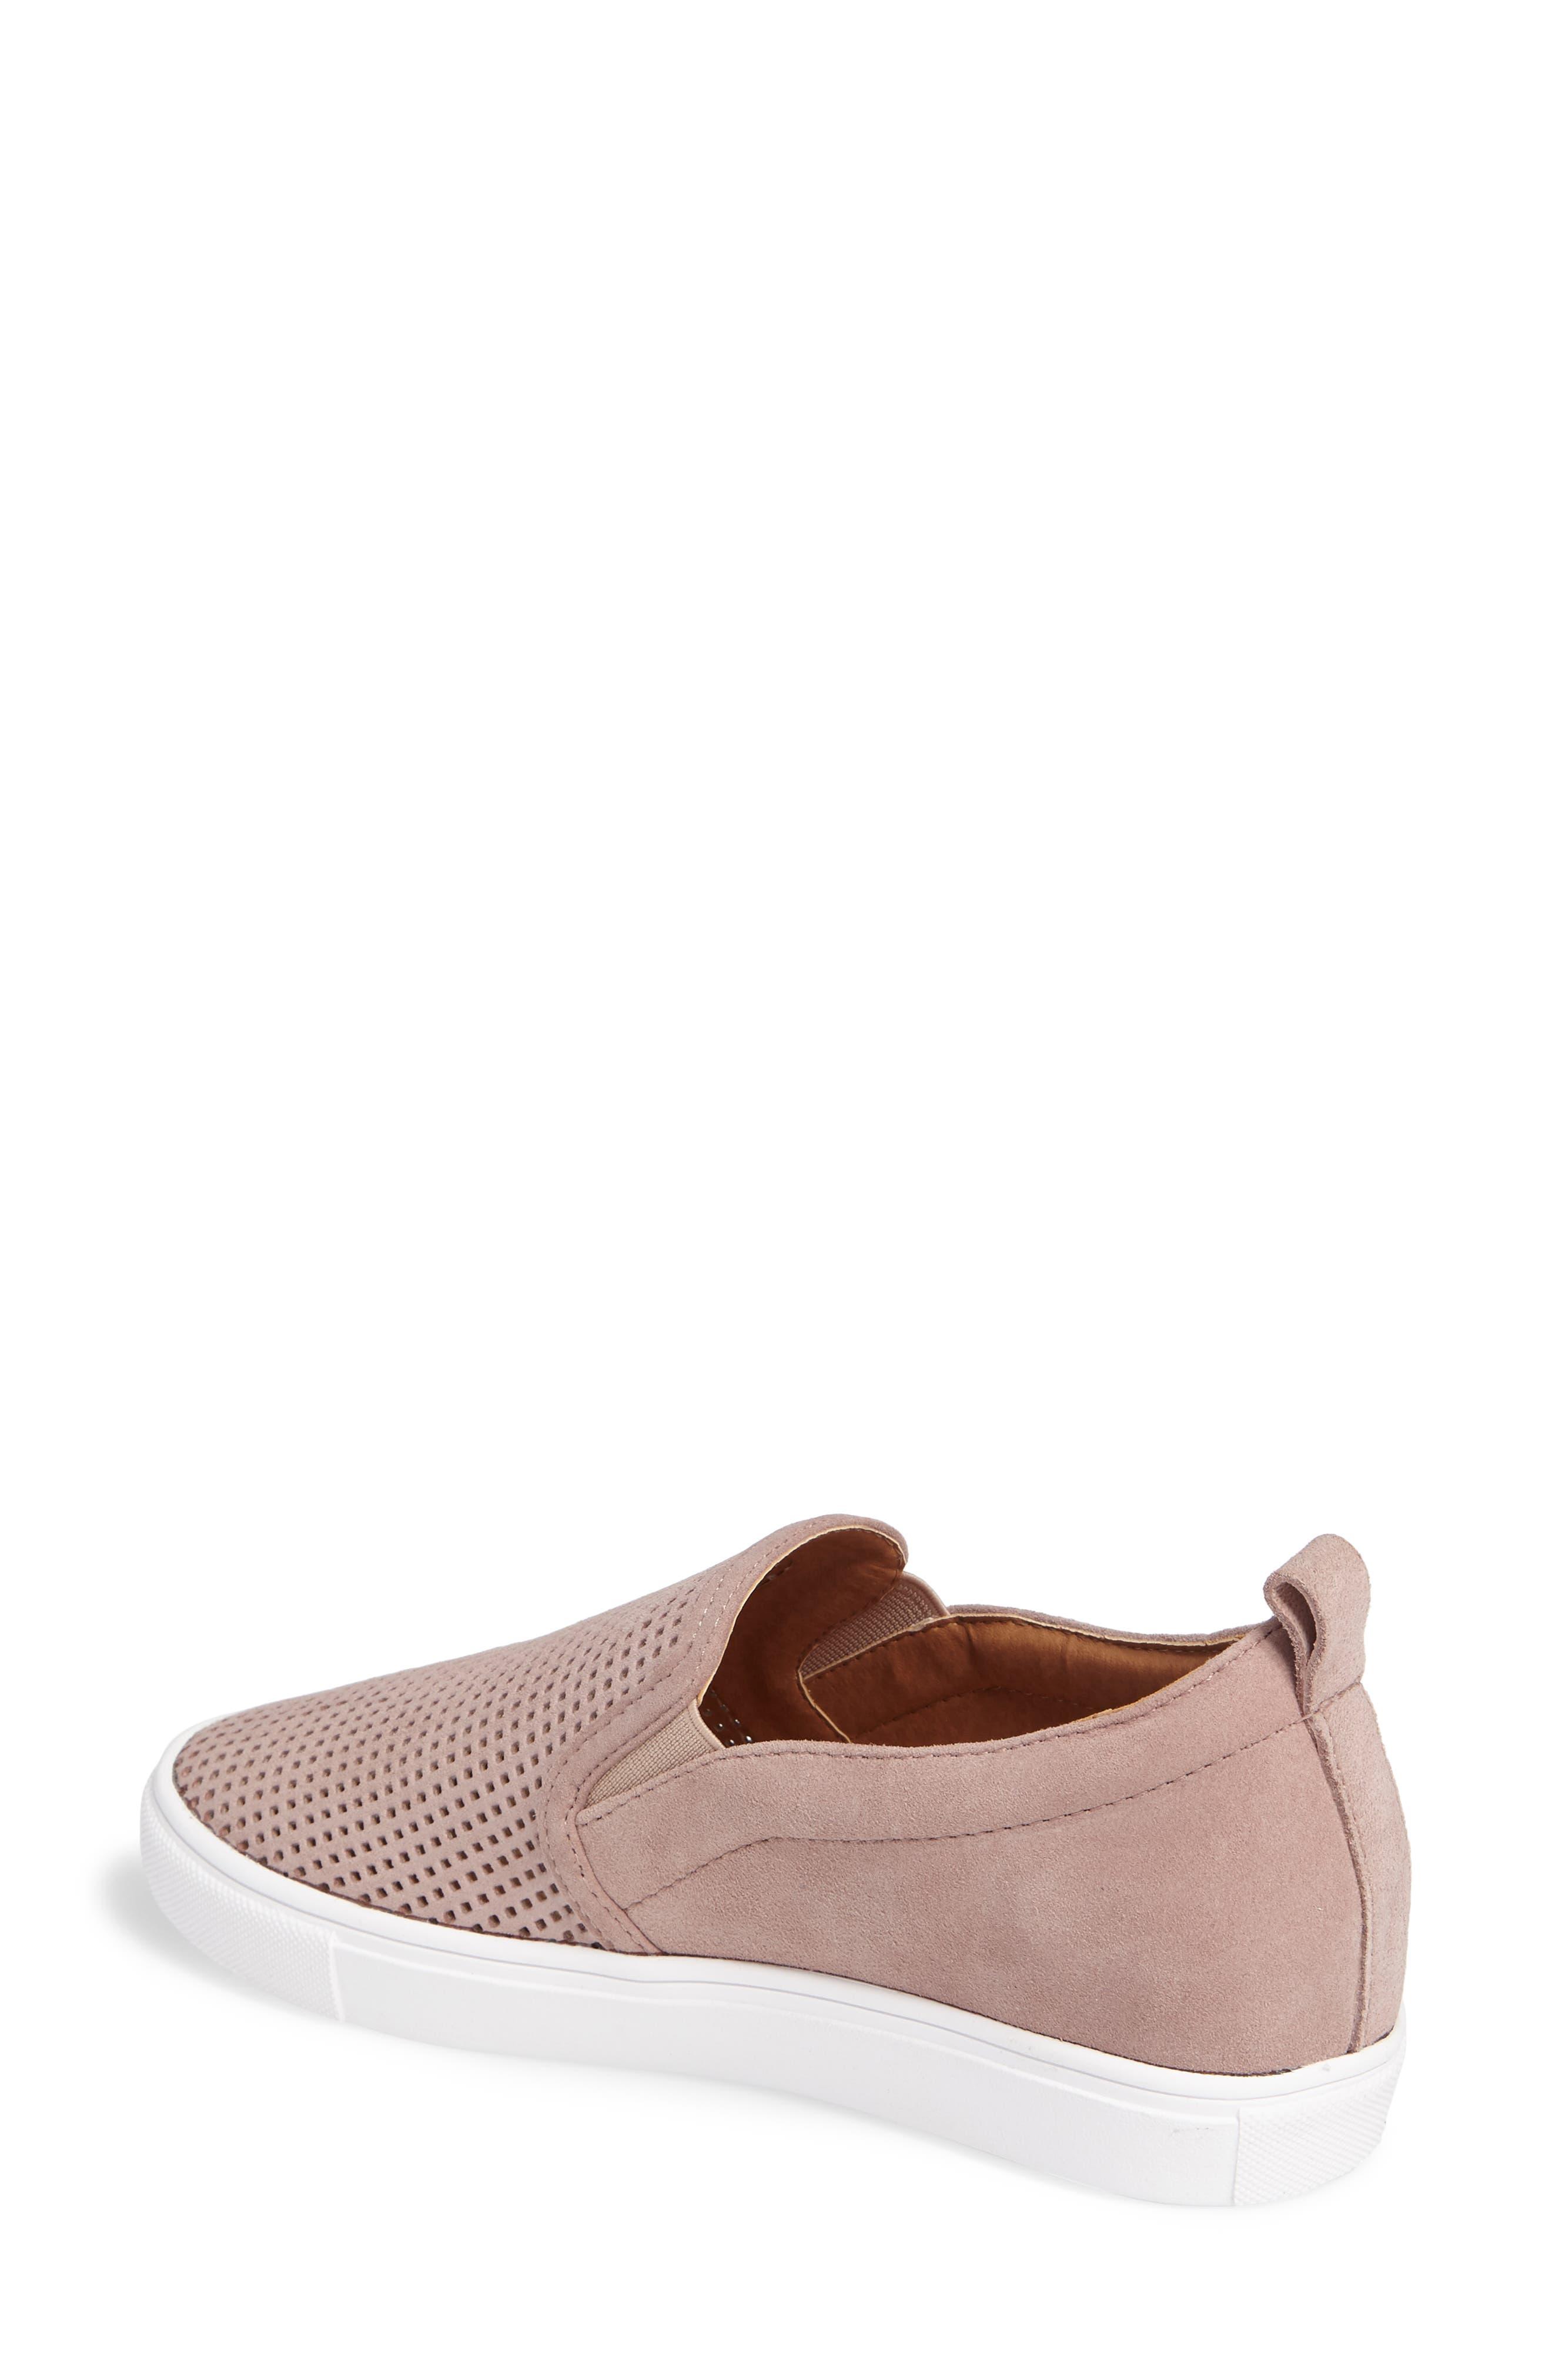 Eden Perforated Slip-On Sneaker,                             Alternate thumbnail 8, color,